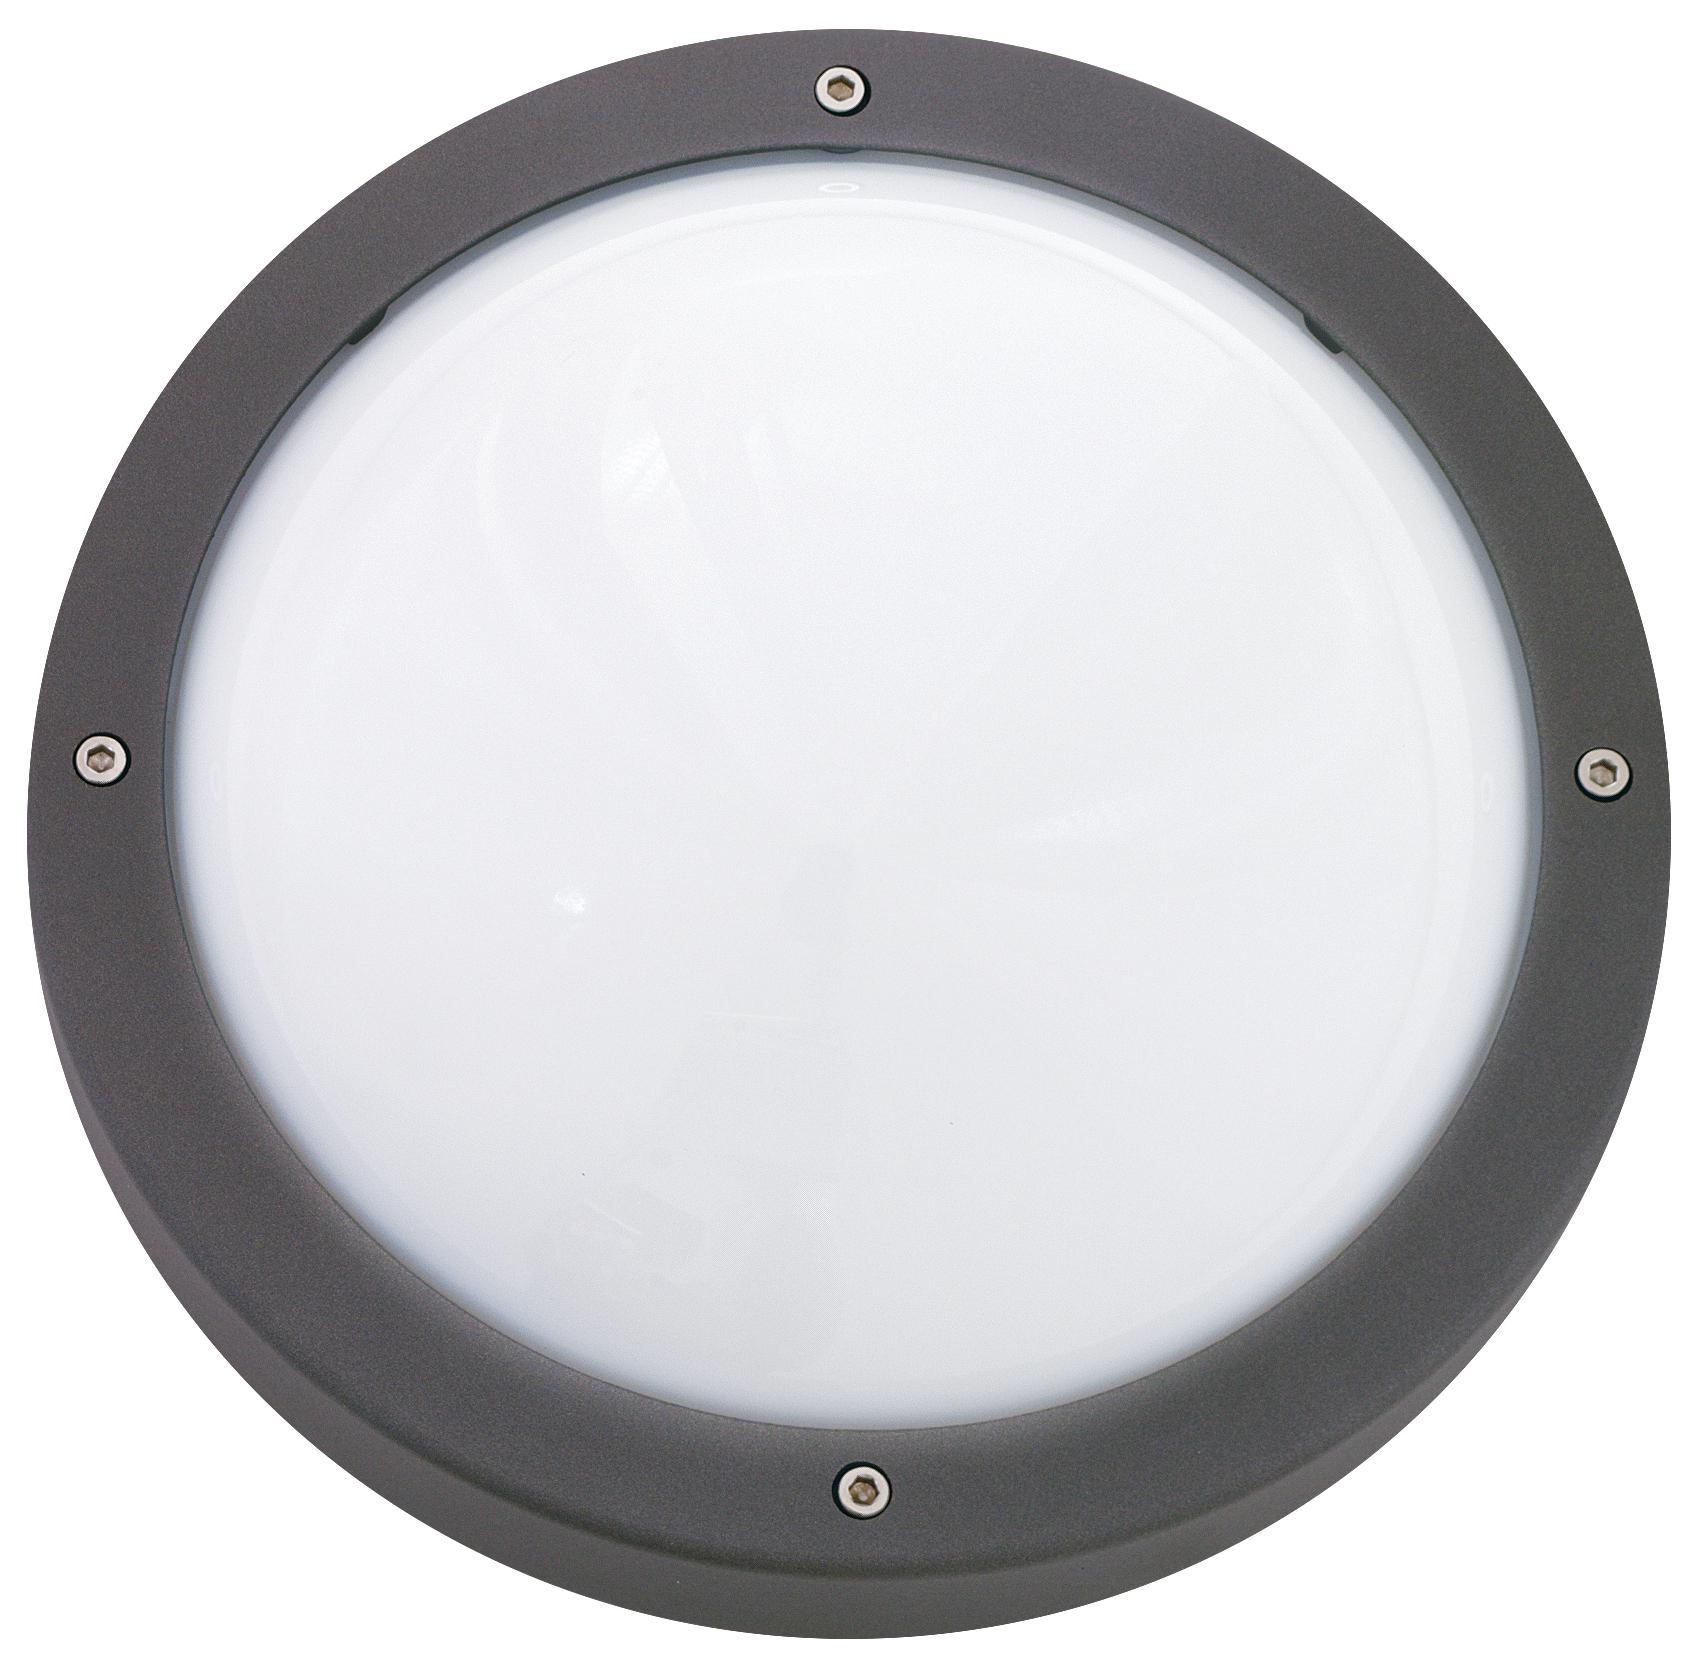 LED-Wandleuchte, ELS 549/550